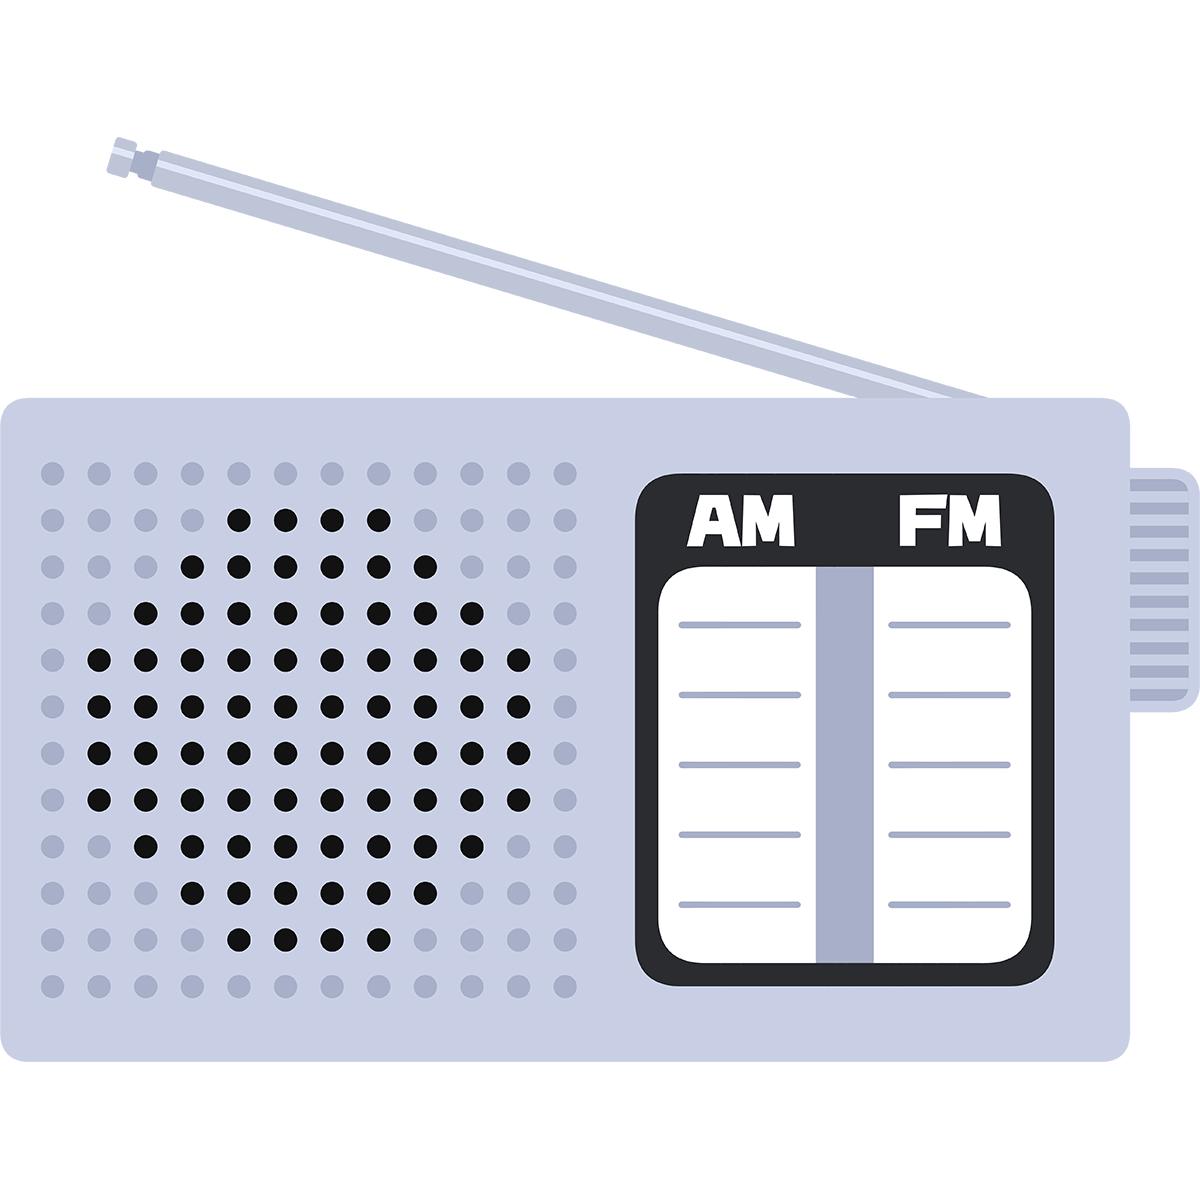 ラジオの無料イラスト